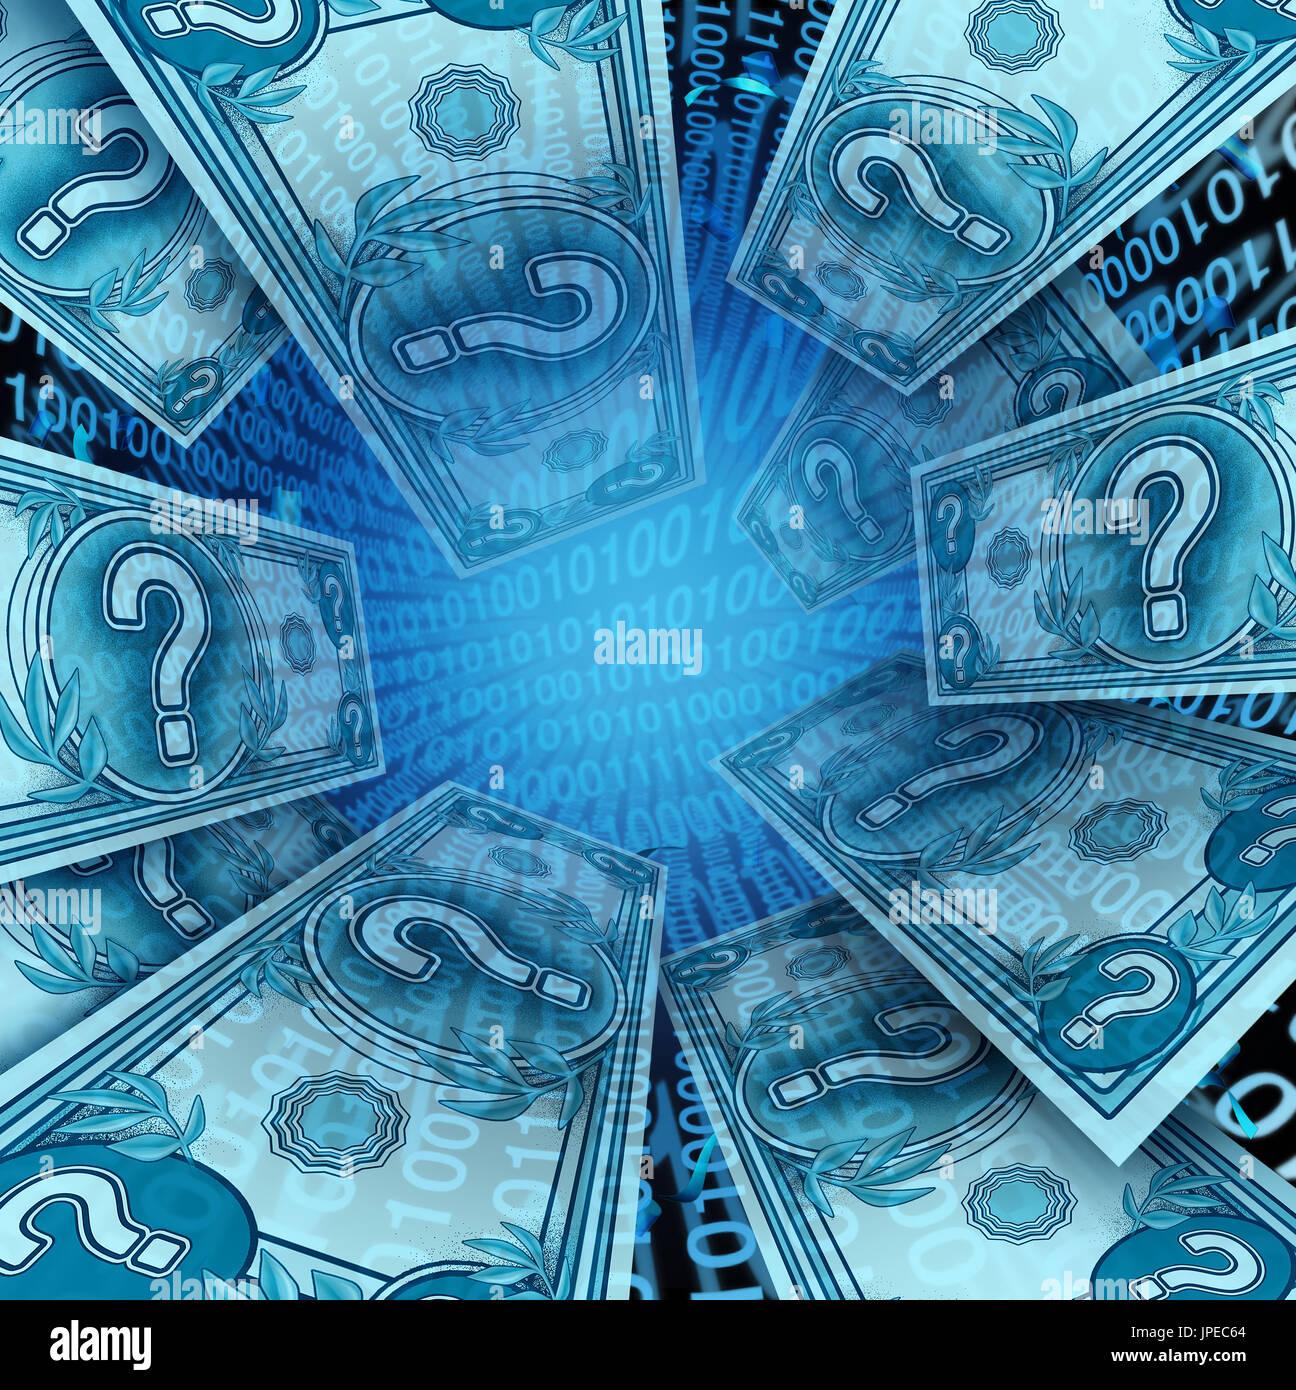 Cryptocurrency und digitales Geld wie Bitcoin oder des Astraleums digital Internet Währung wirtschaftlichen Konzept als Online electronic funds Transaktion. Stockbild